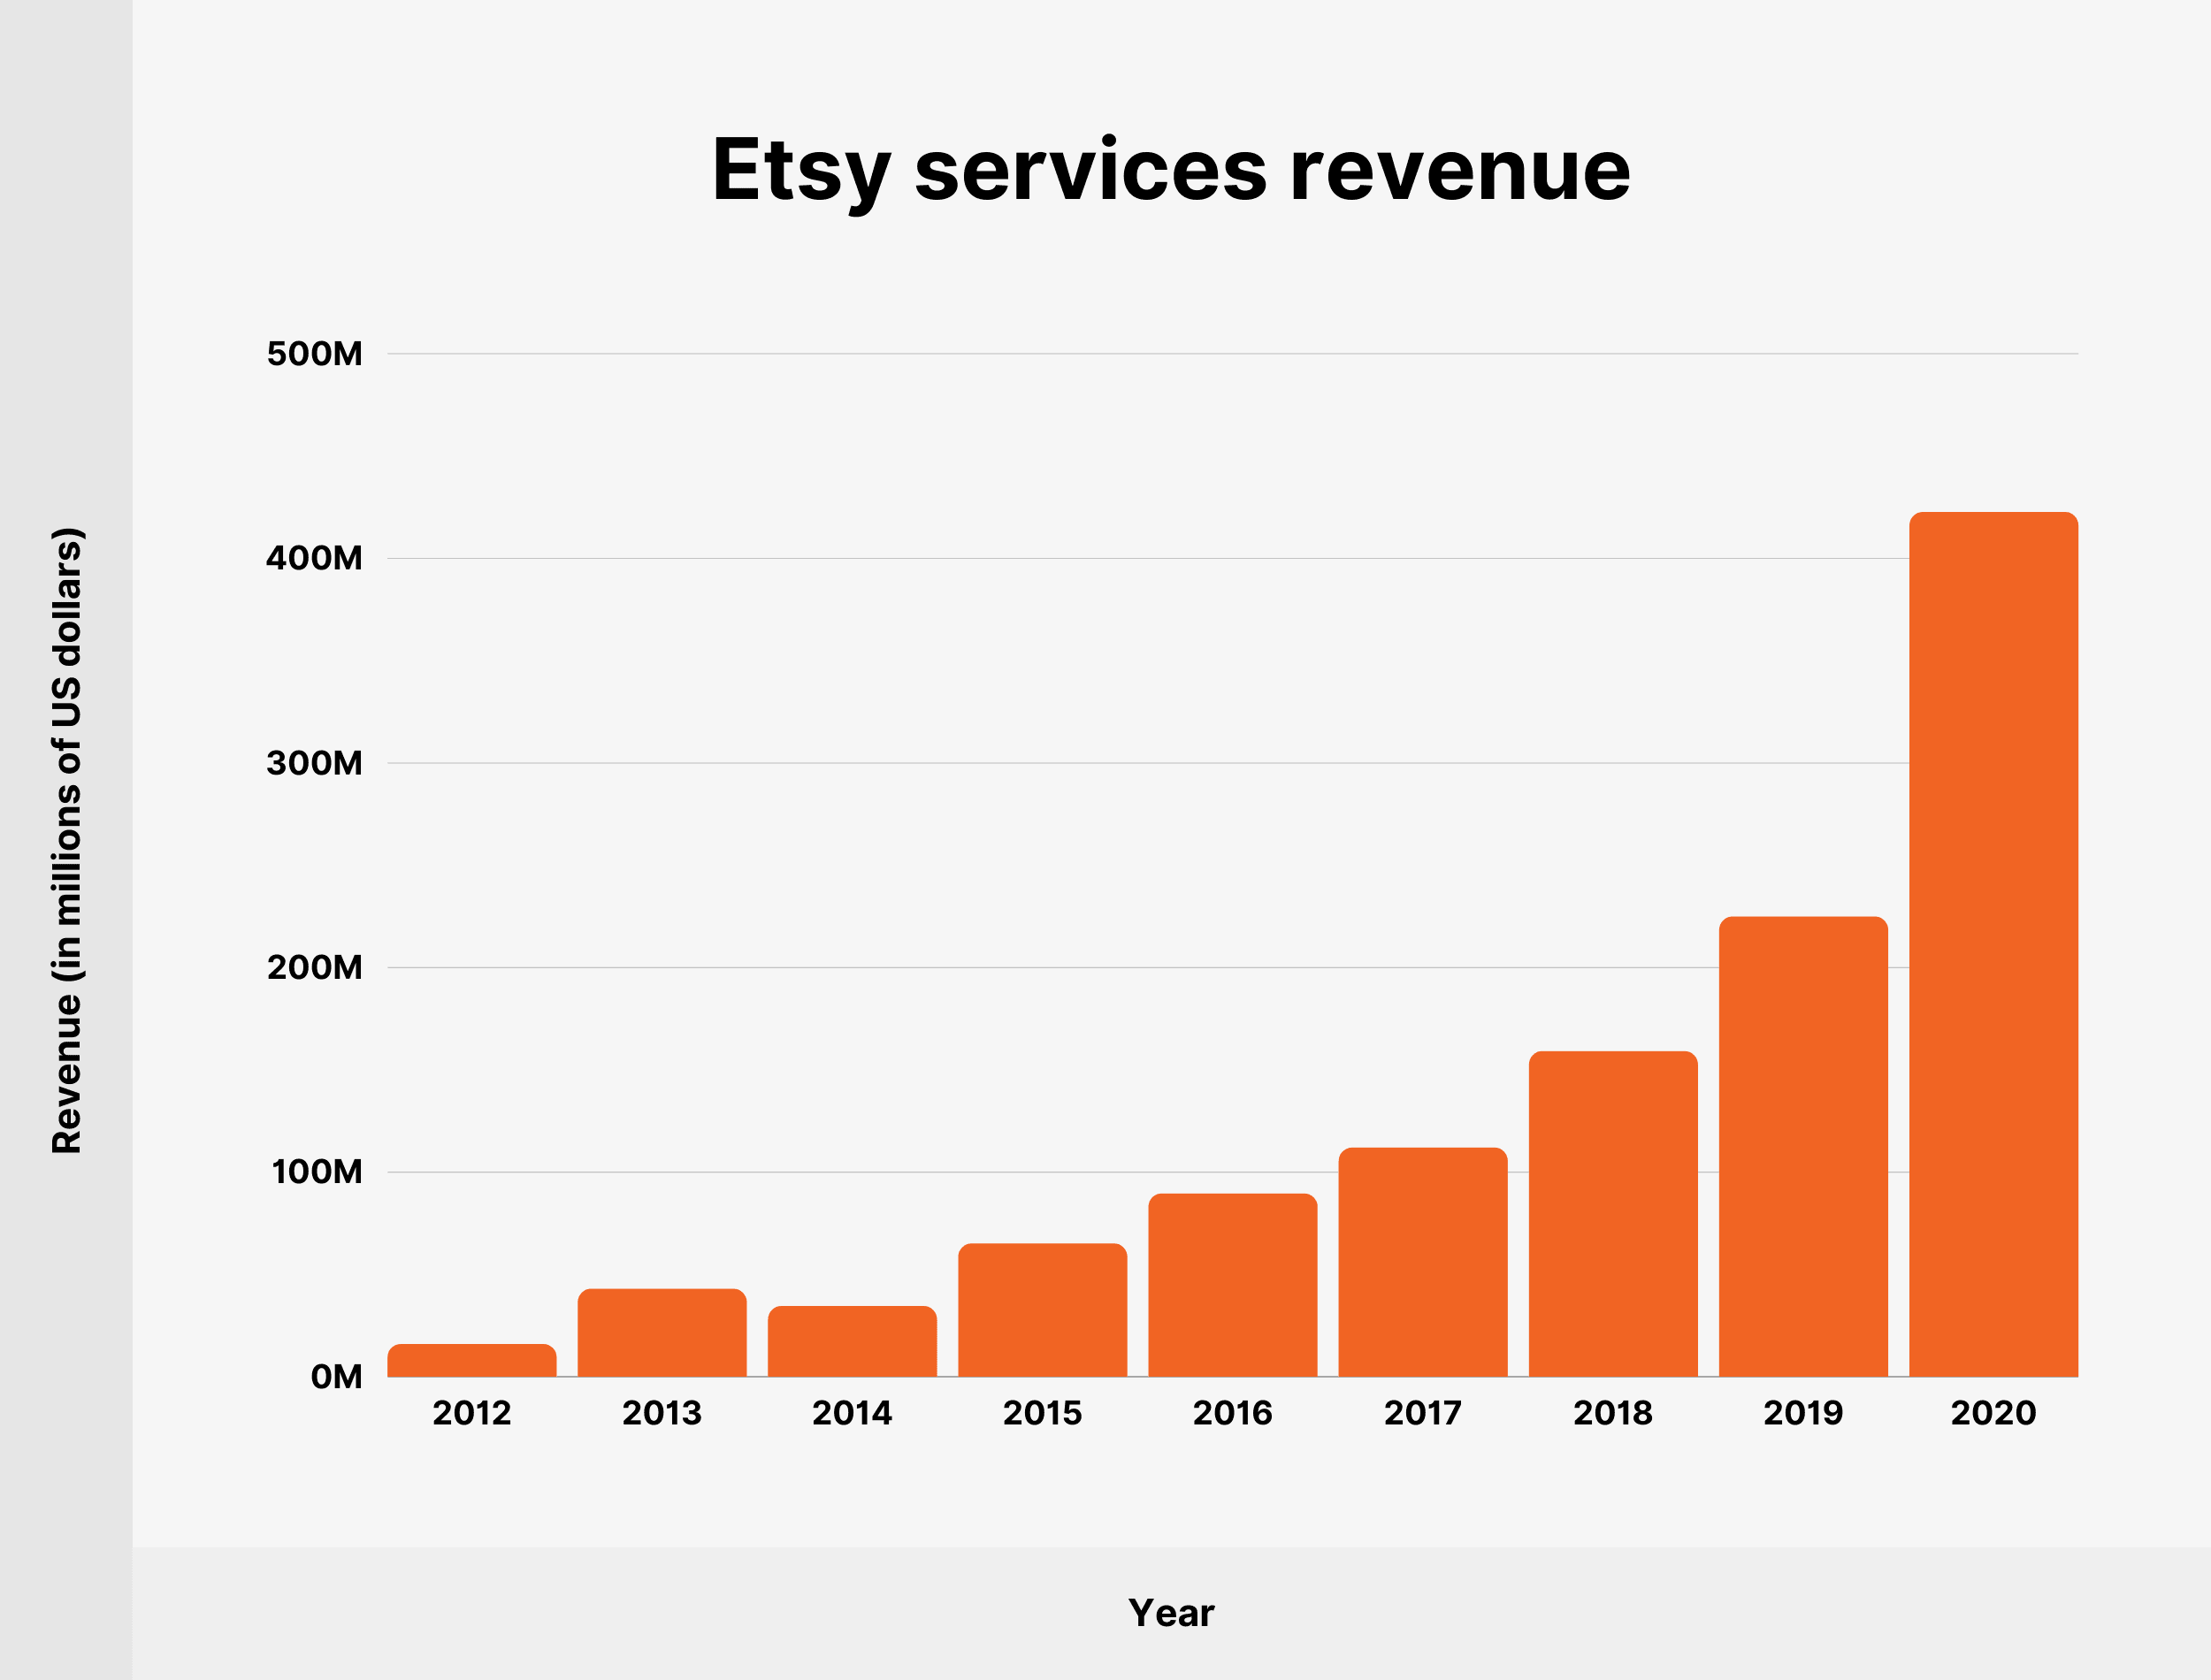 Etsy services revenue